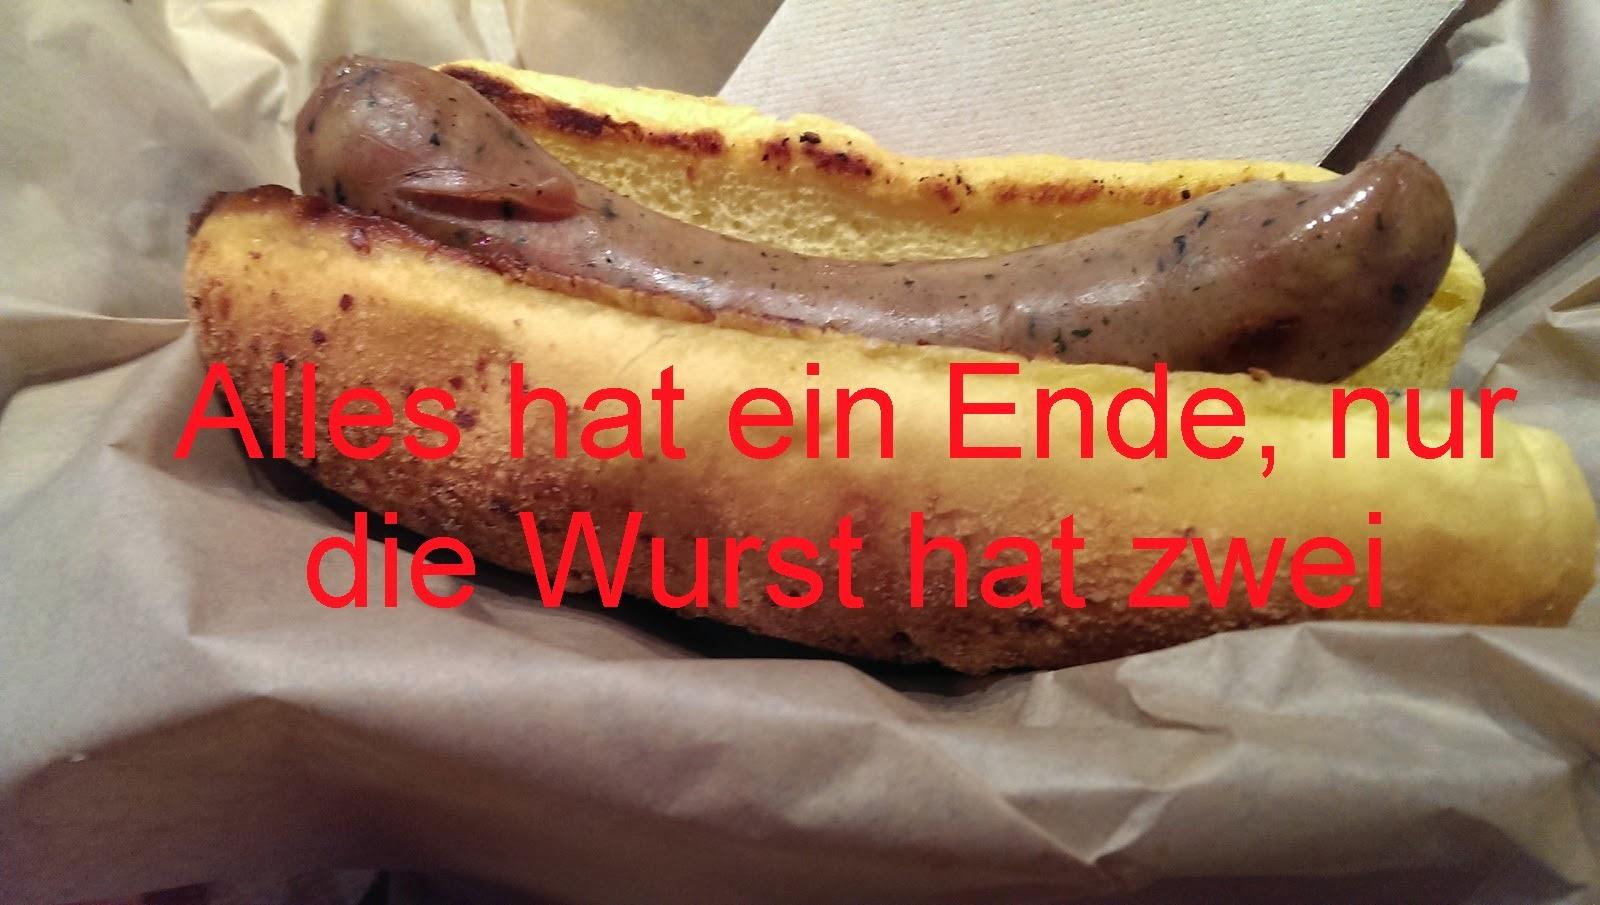 Alles hat ein Ende, nur die Wurst hat zwei - German for